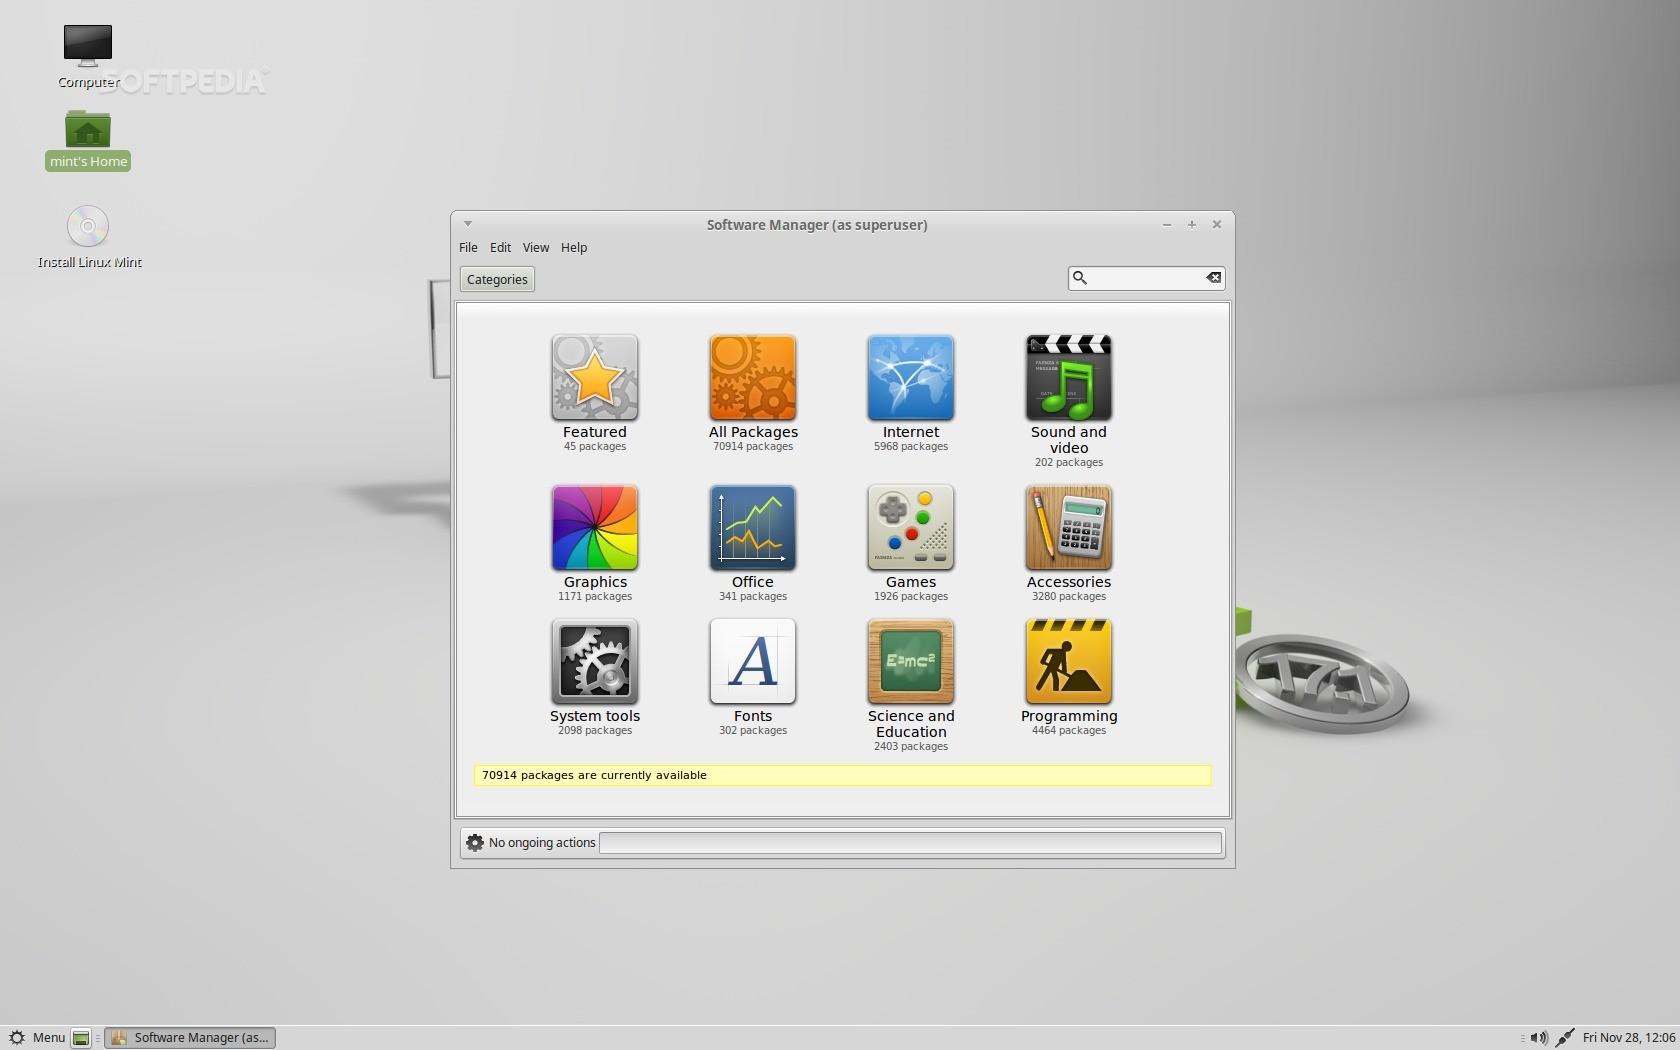 Acheter un PC portable sans OS, et ensuite ? - Page 3 Linux-Mint-17-1-Rebecca-MATE-Stable-Is-Ready-for-Download-Screenshot-Tour-466134-8